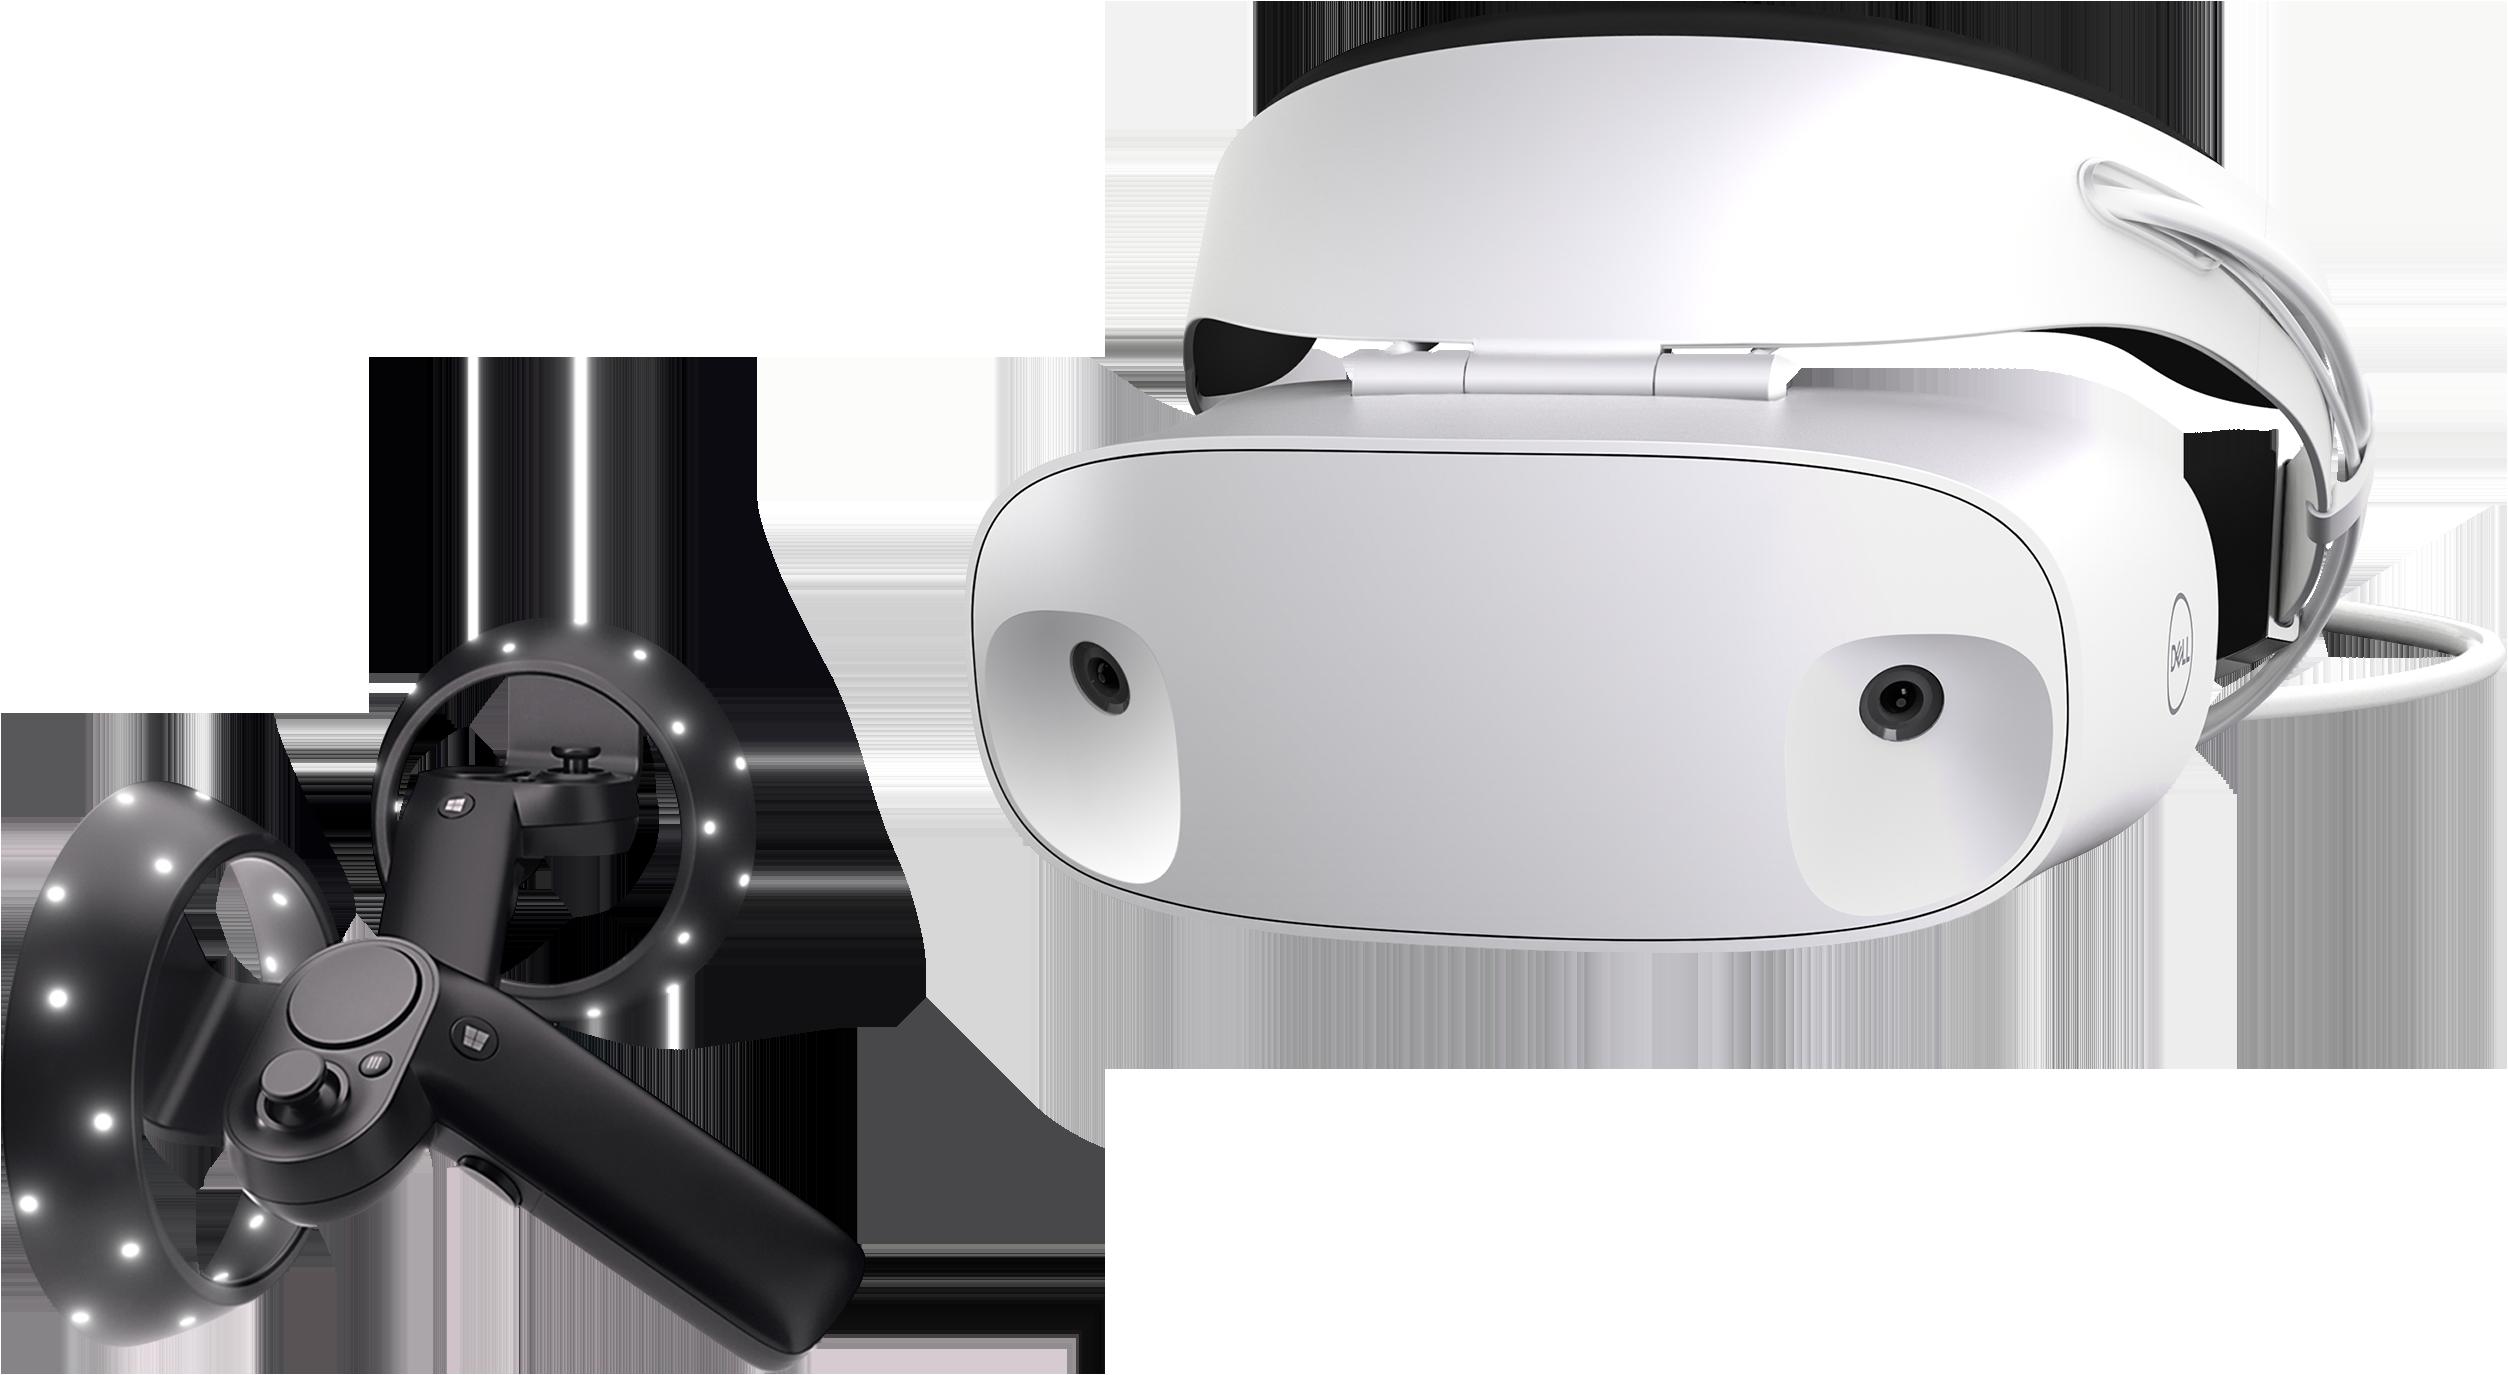 Casque Dell VisorWindows Mixed Reality avec contrôleurs de mouvement